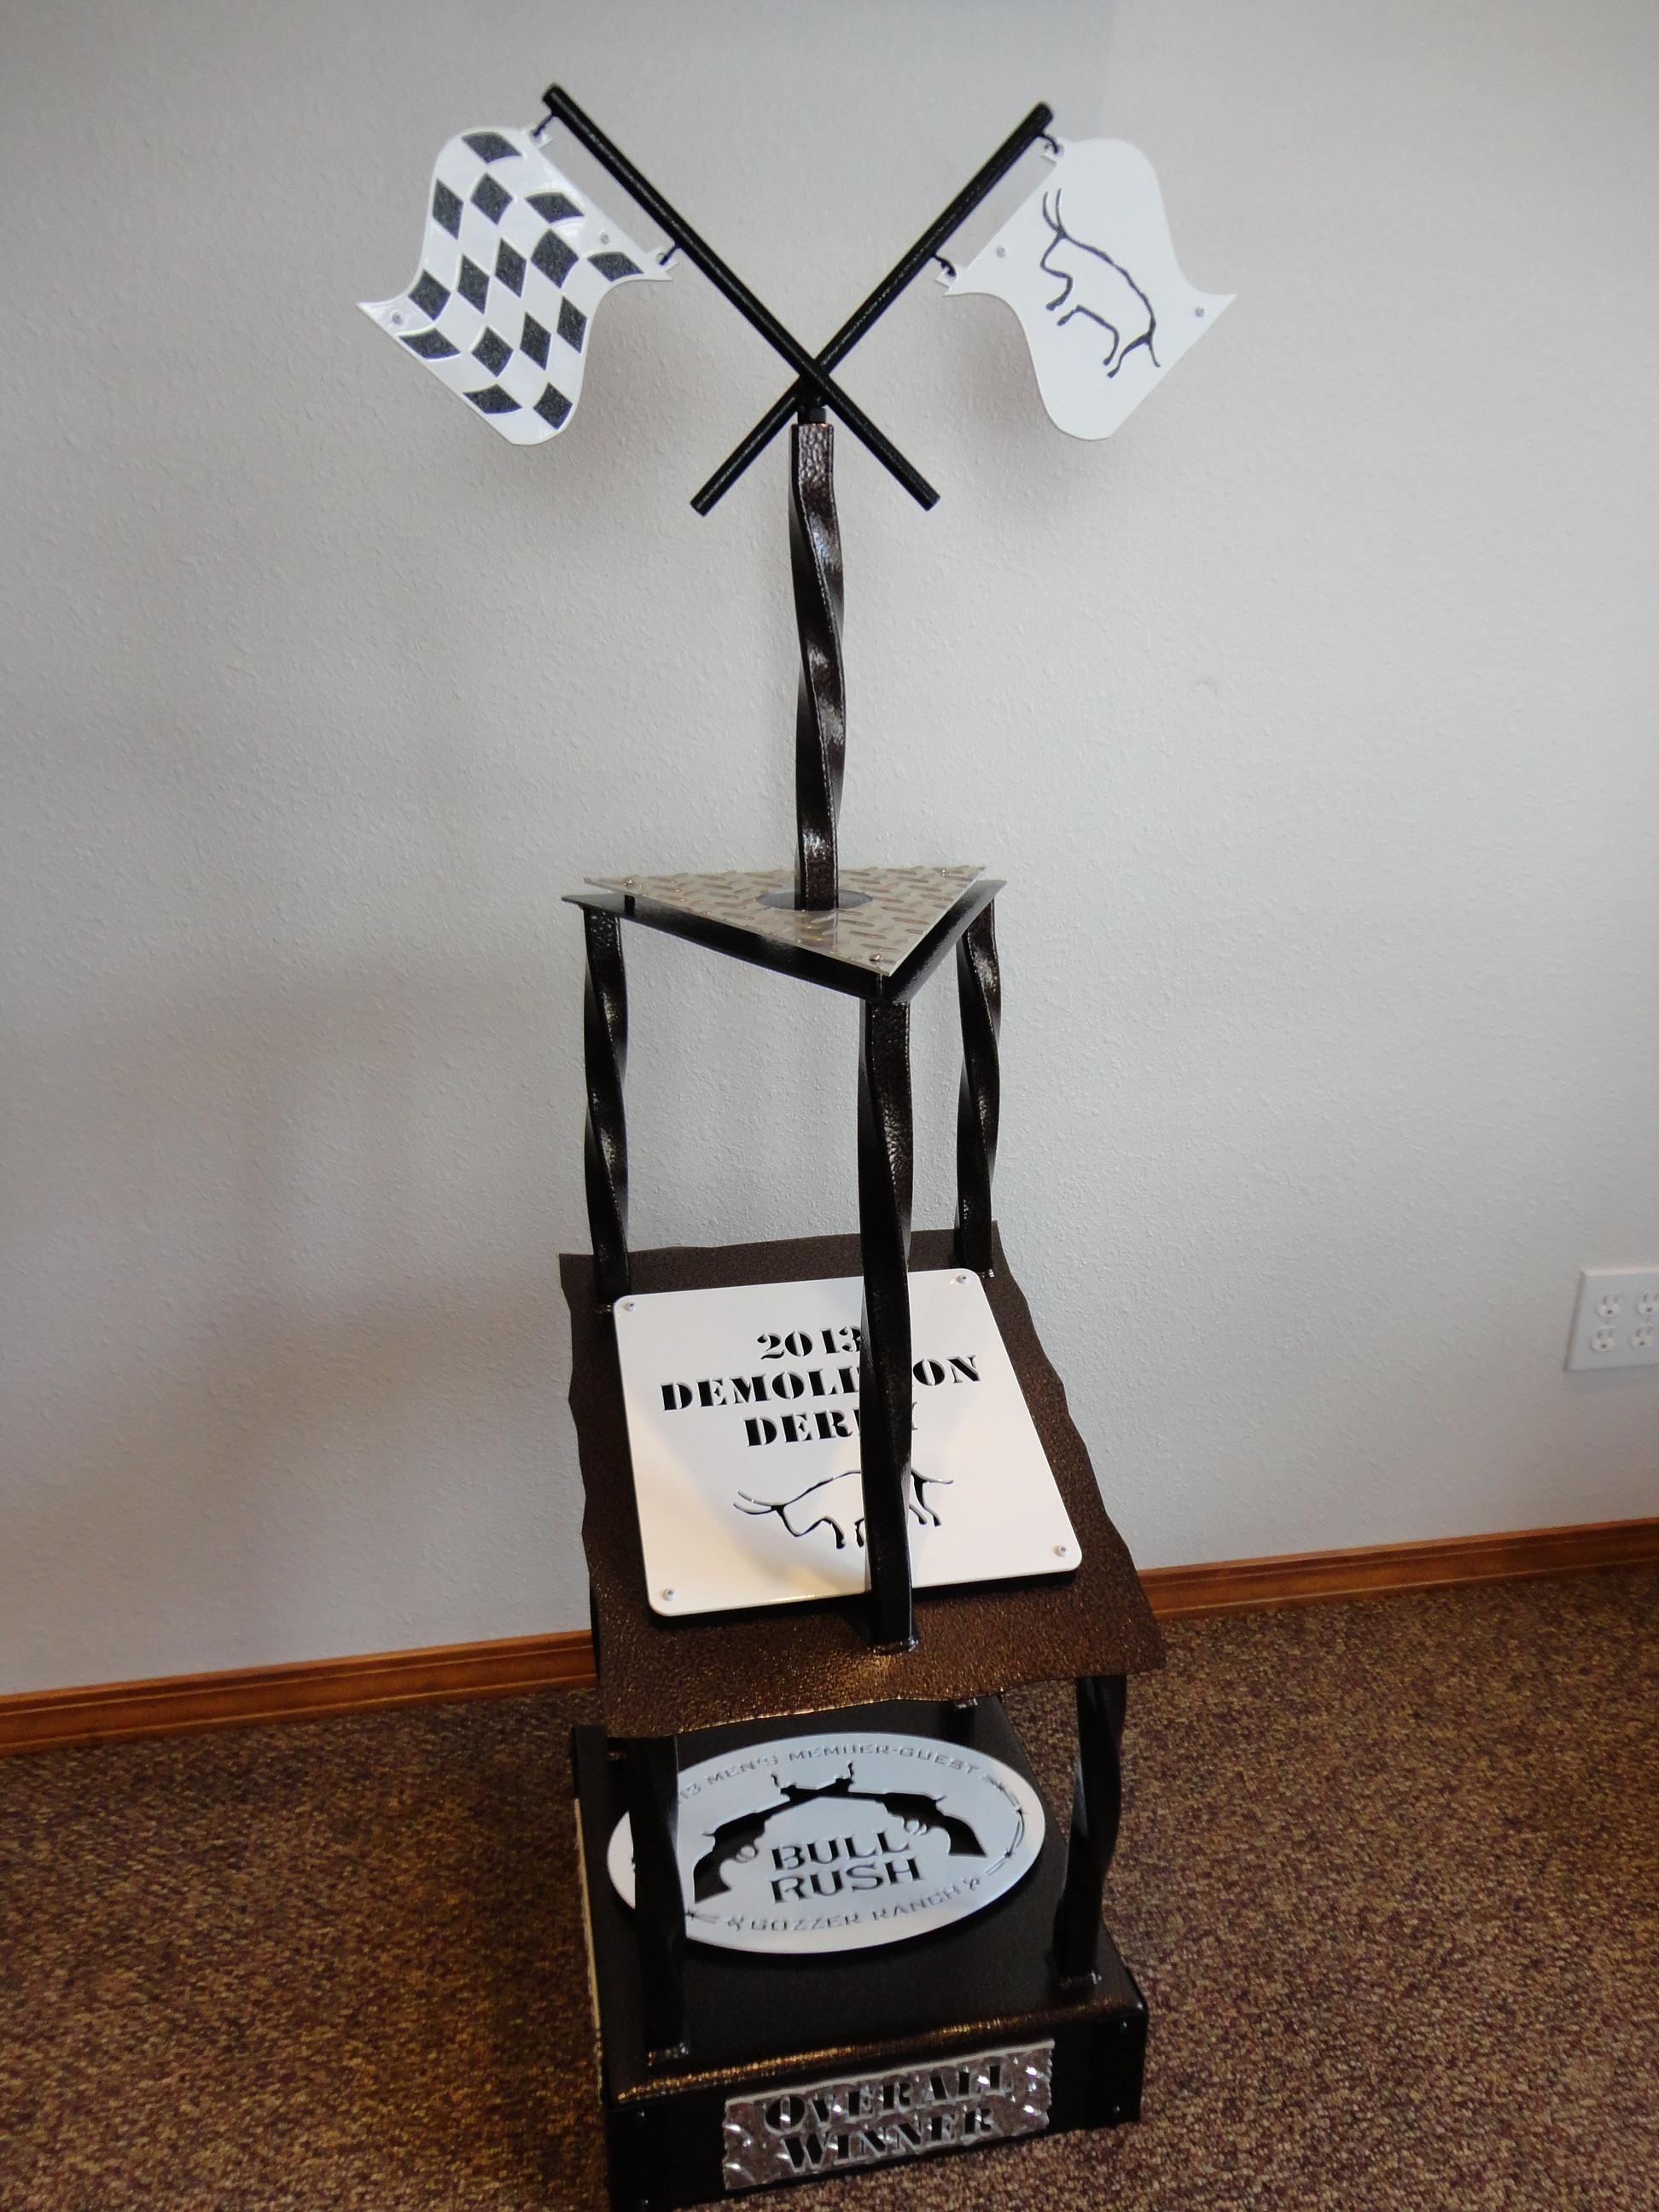 giant-demolition-derby-trophy